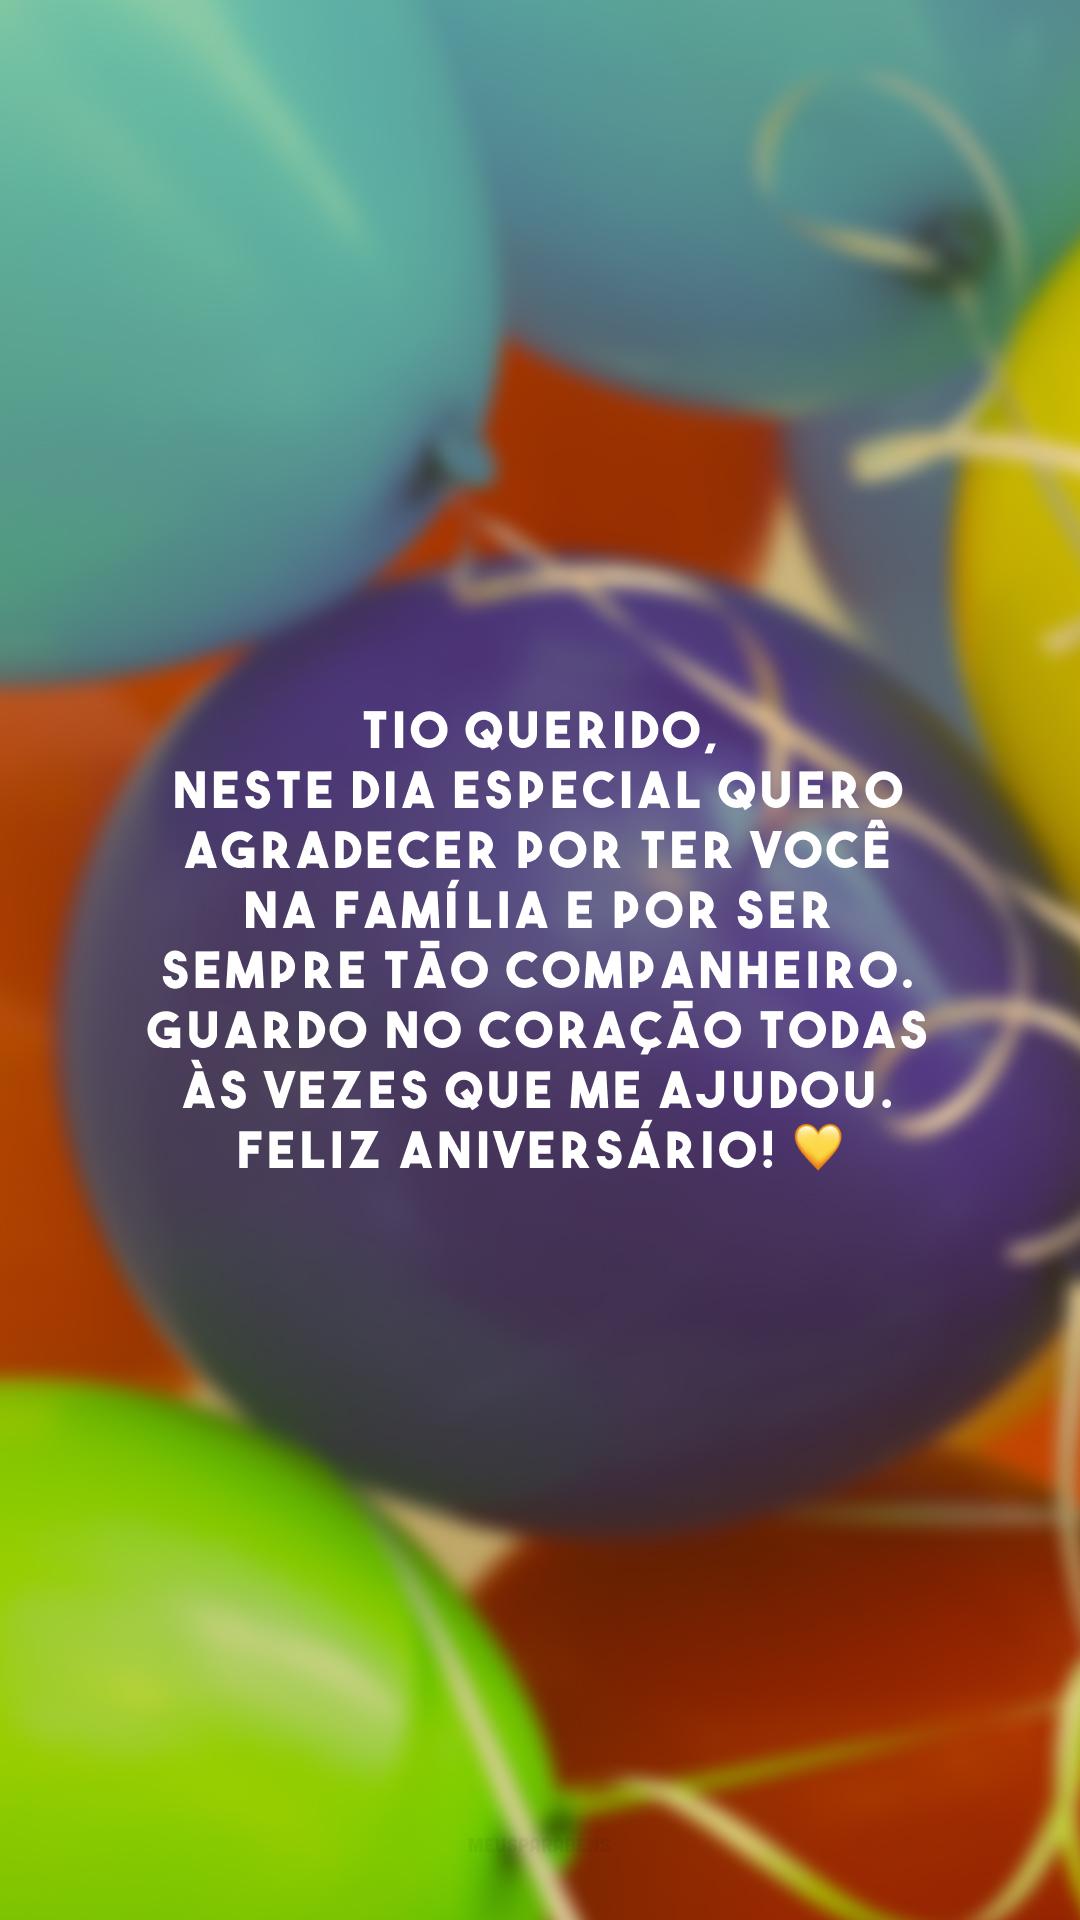 Tio querido, neste dia especial quero agradecer por ter você na família e por ser sempre tão companheiro. Guardo no coração todas às vezes que me ajudou. Feliz aniversário! 💛